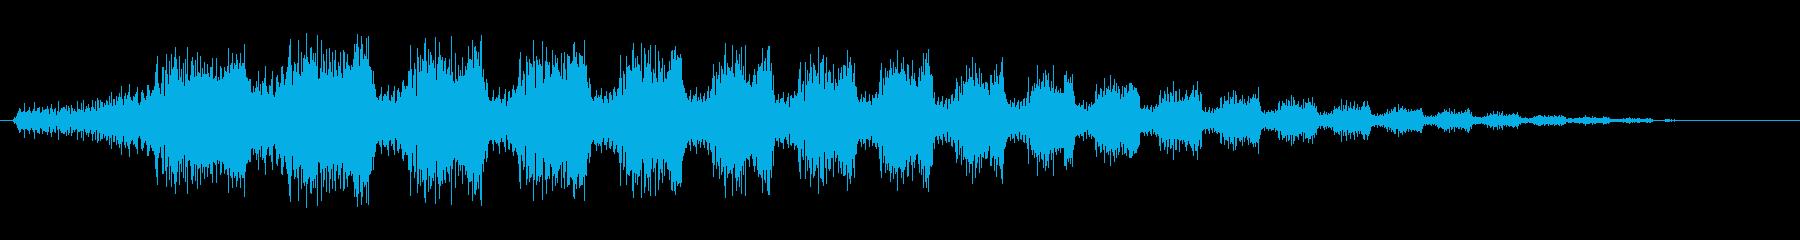 ワープする時のような音の再生済みの波形